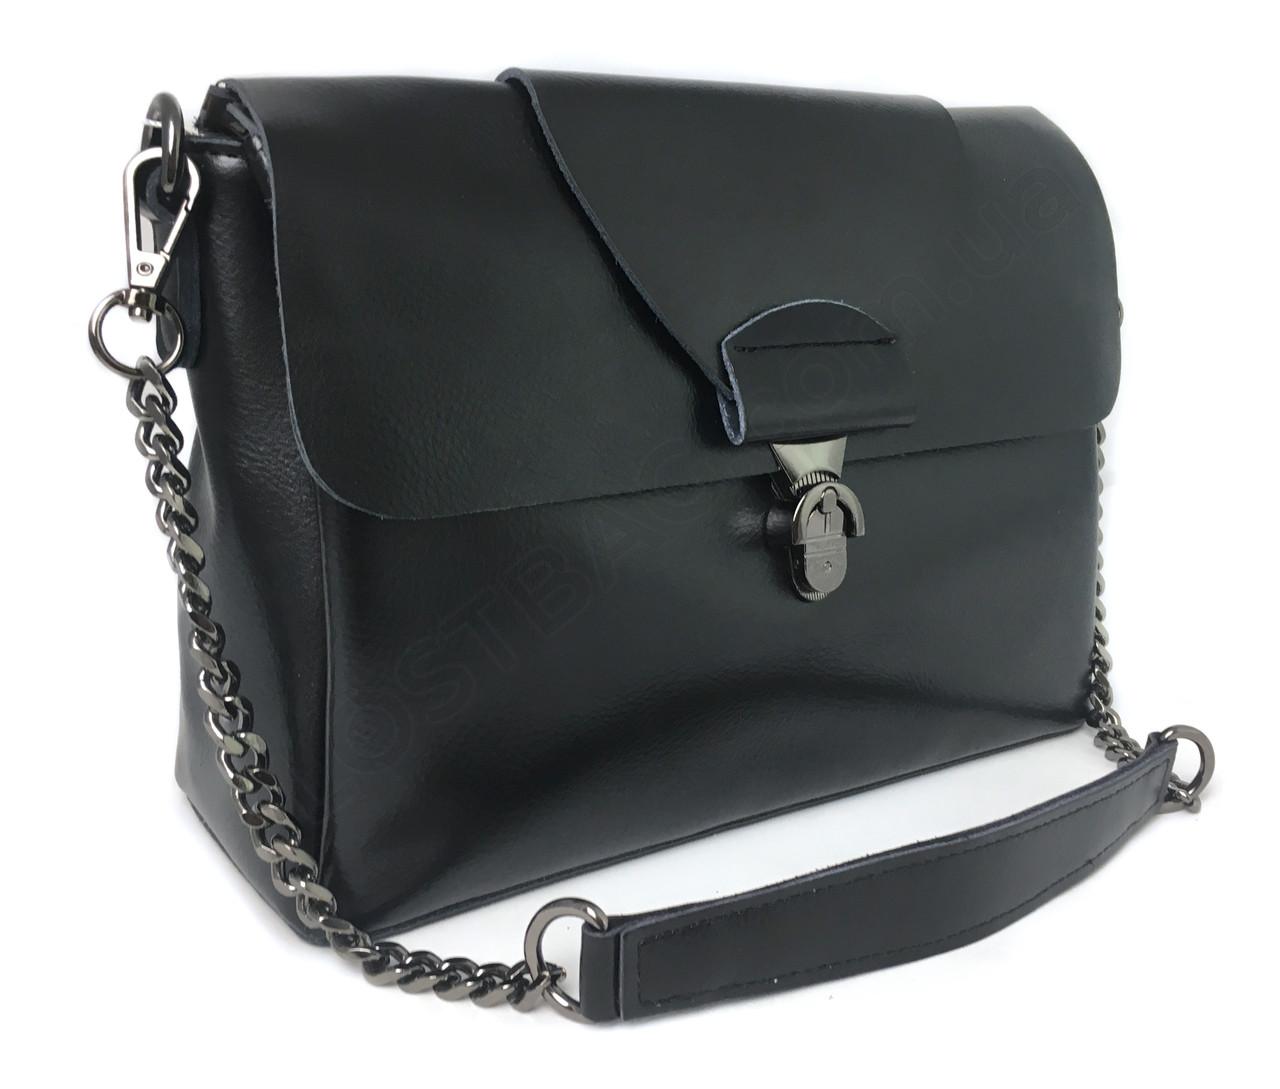 a706c4c94f0b Кожаная женская сумка Galanty - LOST BAG - сумки, чемоданы, аксессуары в  Киевской области